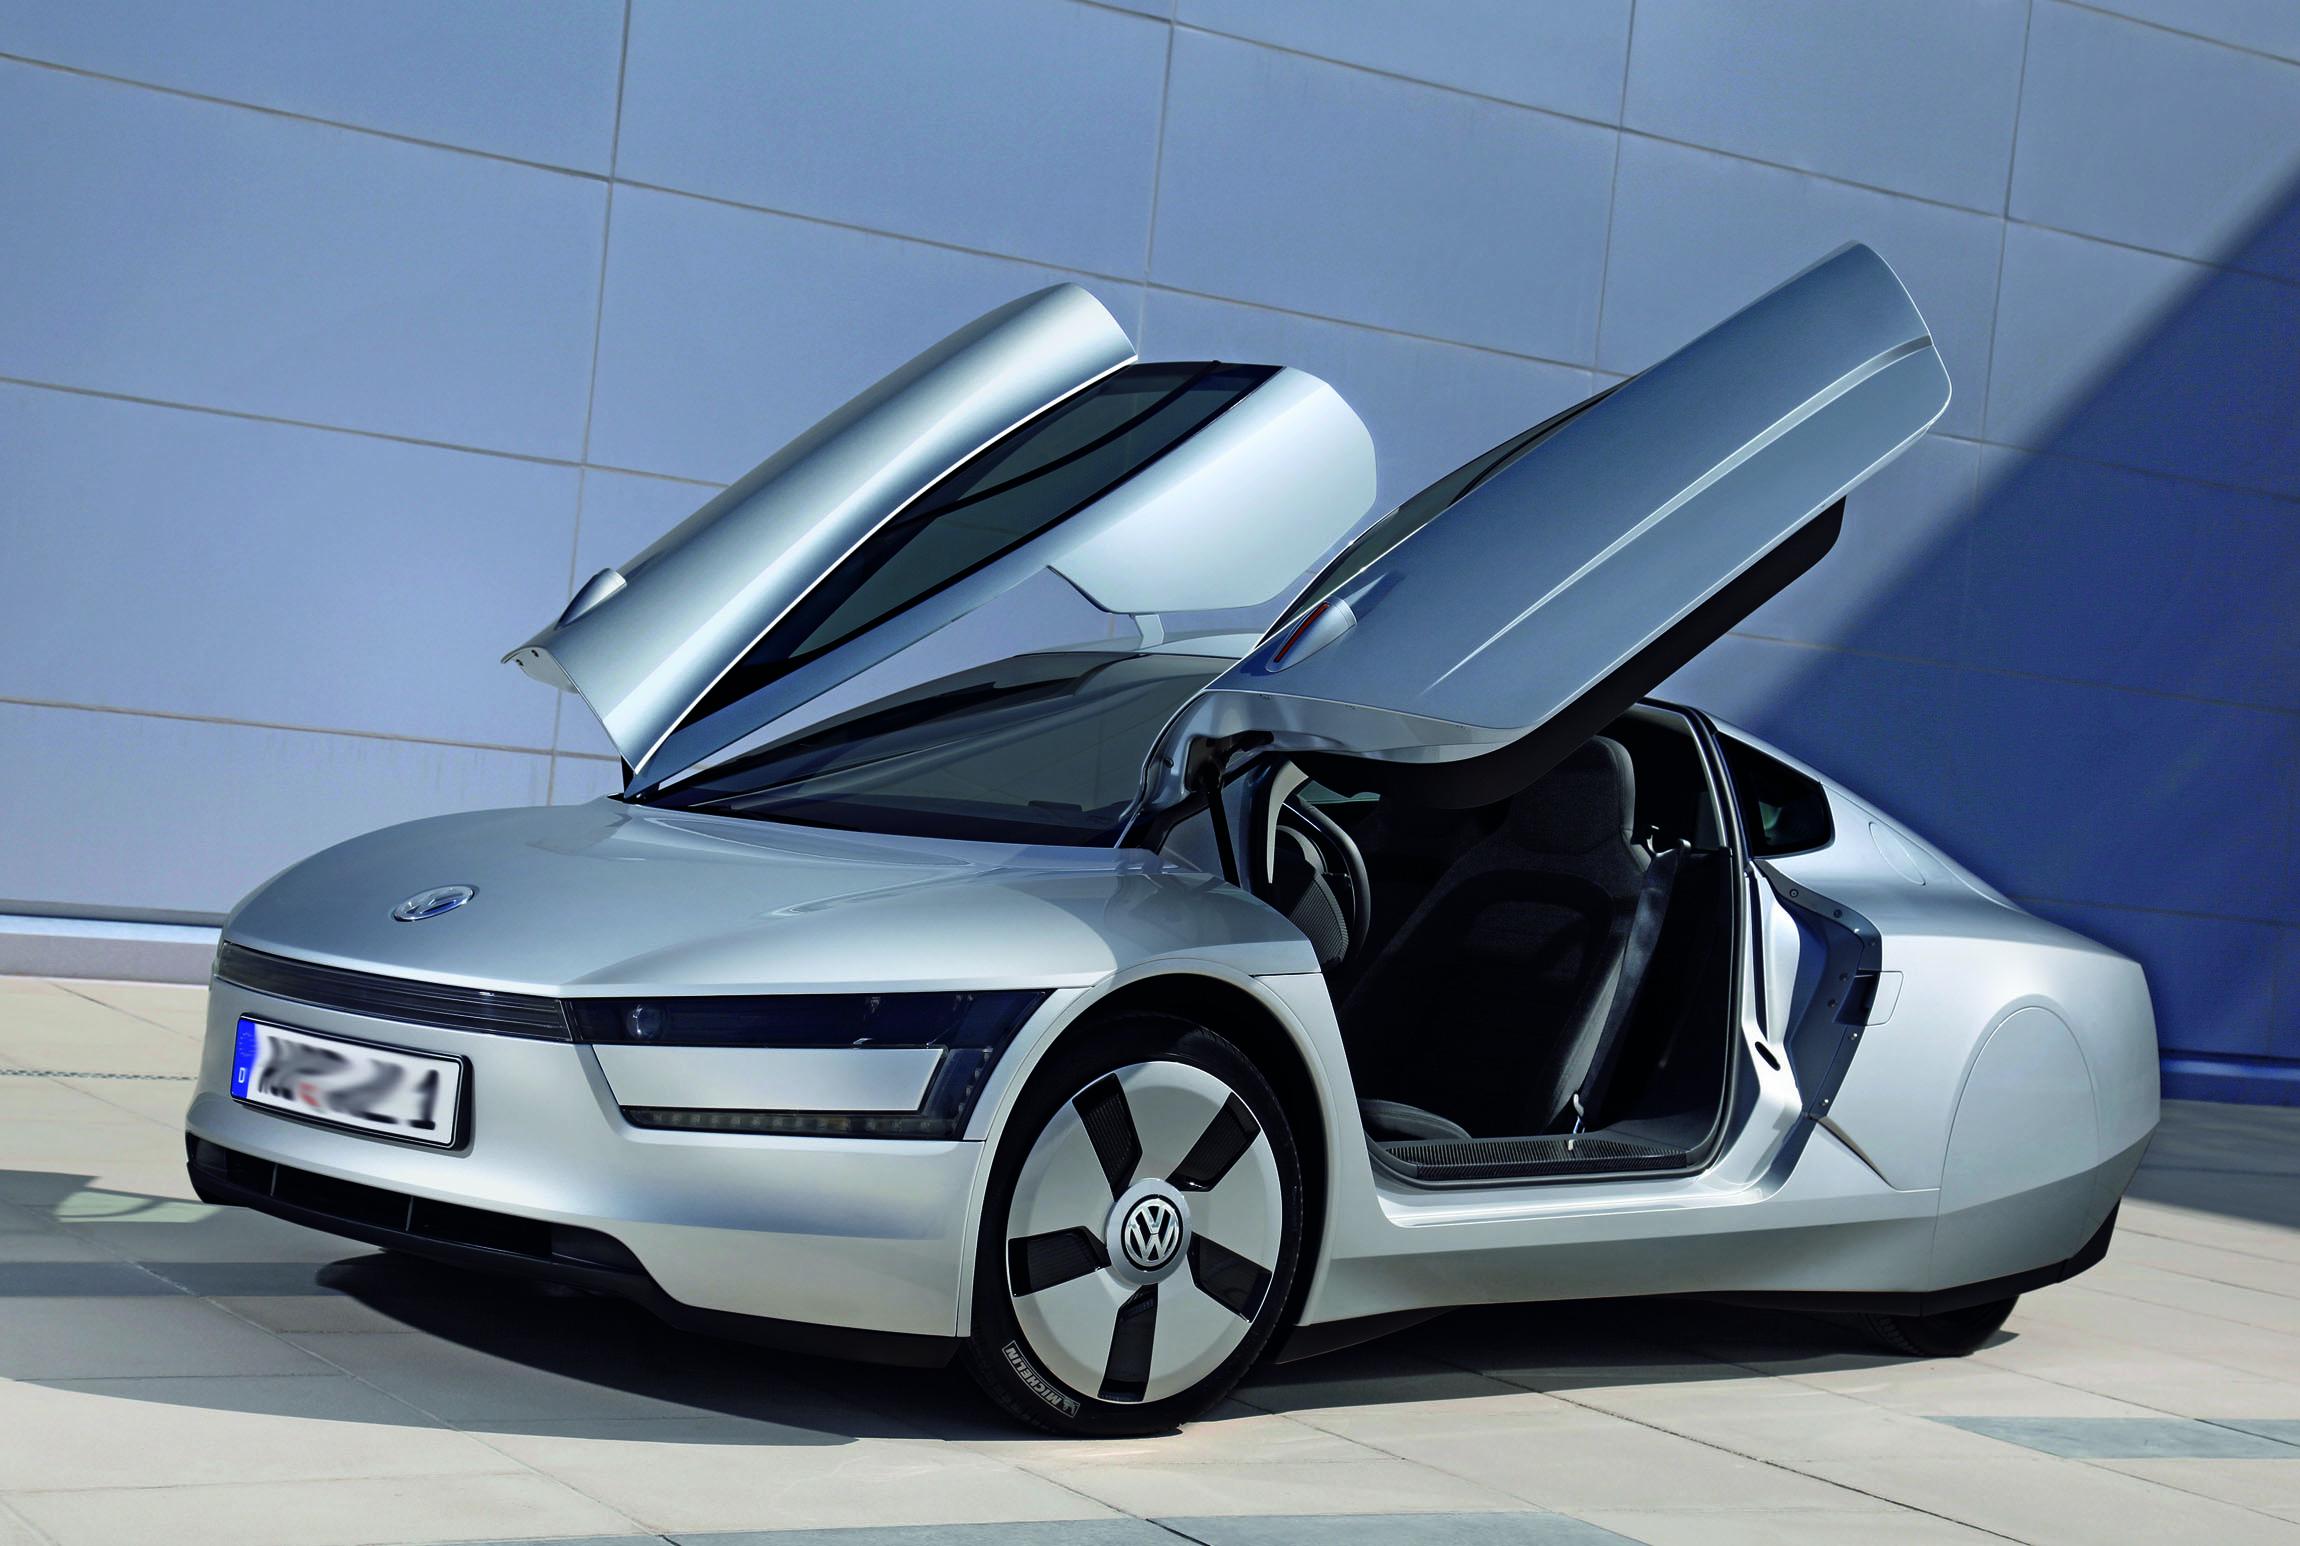 Volkswagen XL1 Free Download Image Of